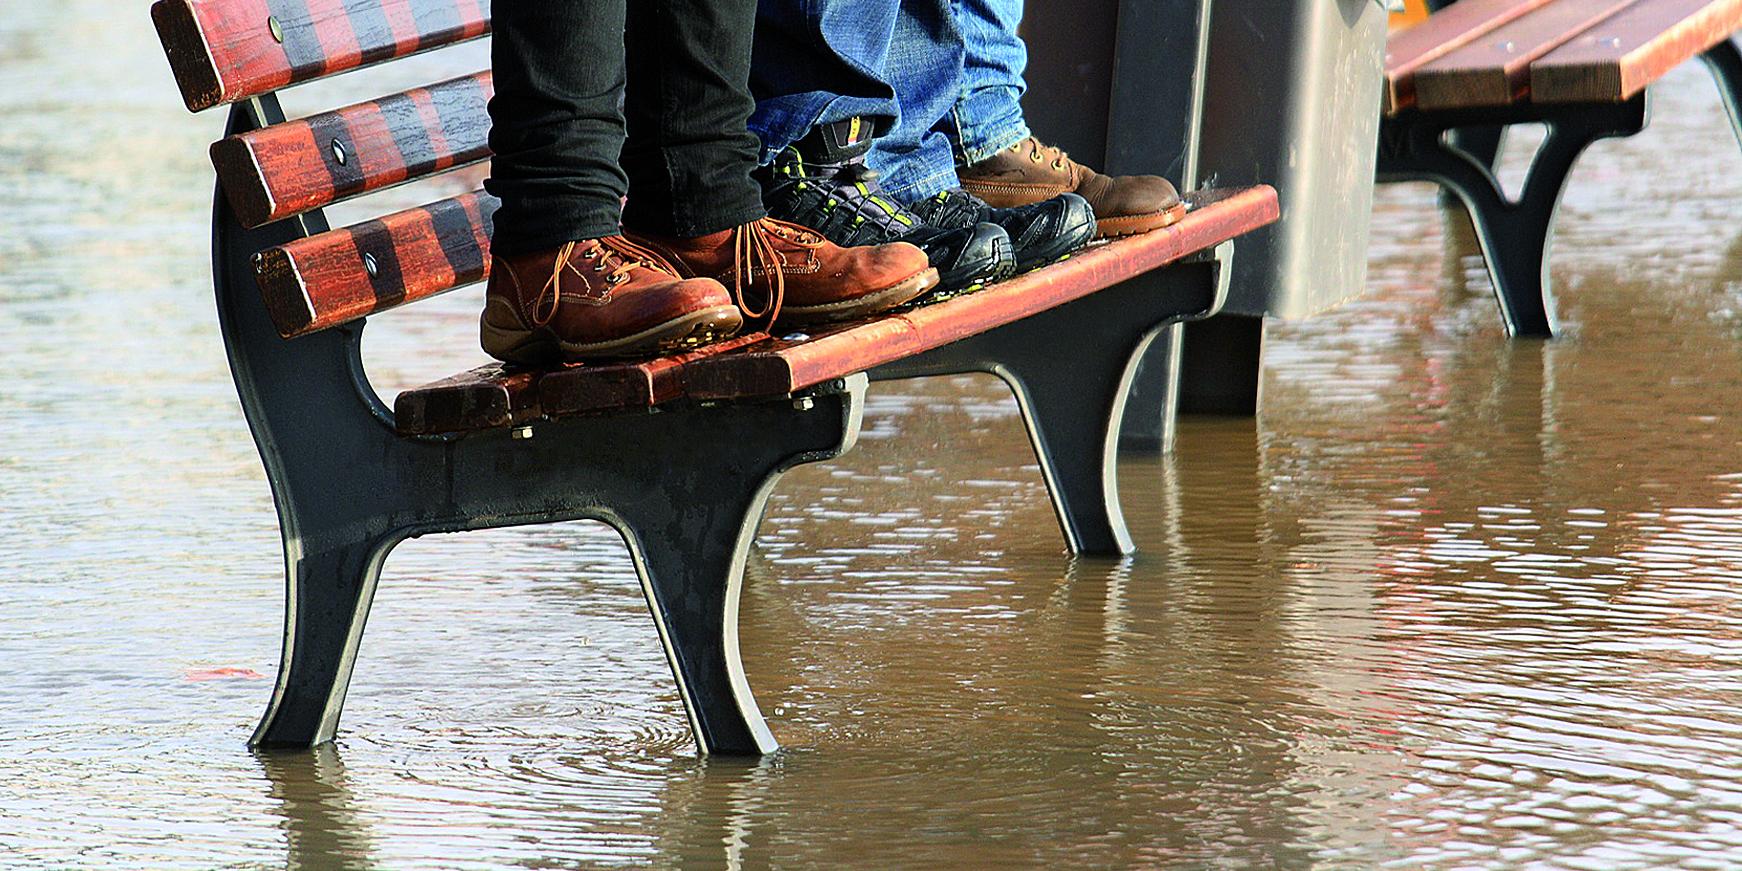 Menschen stehen auf einer Sitzbank die von Wasser umspült ist.